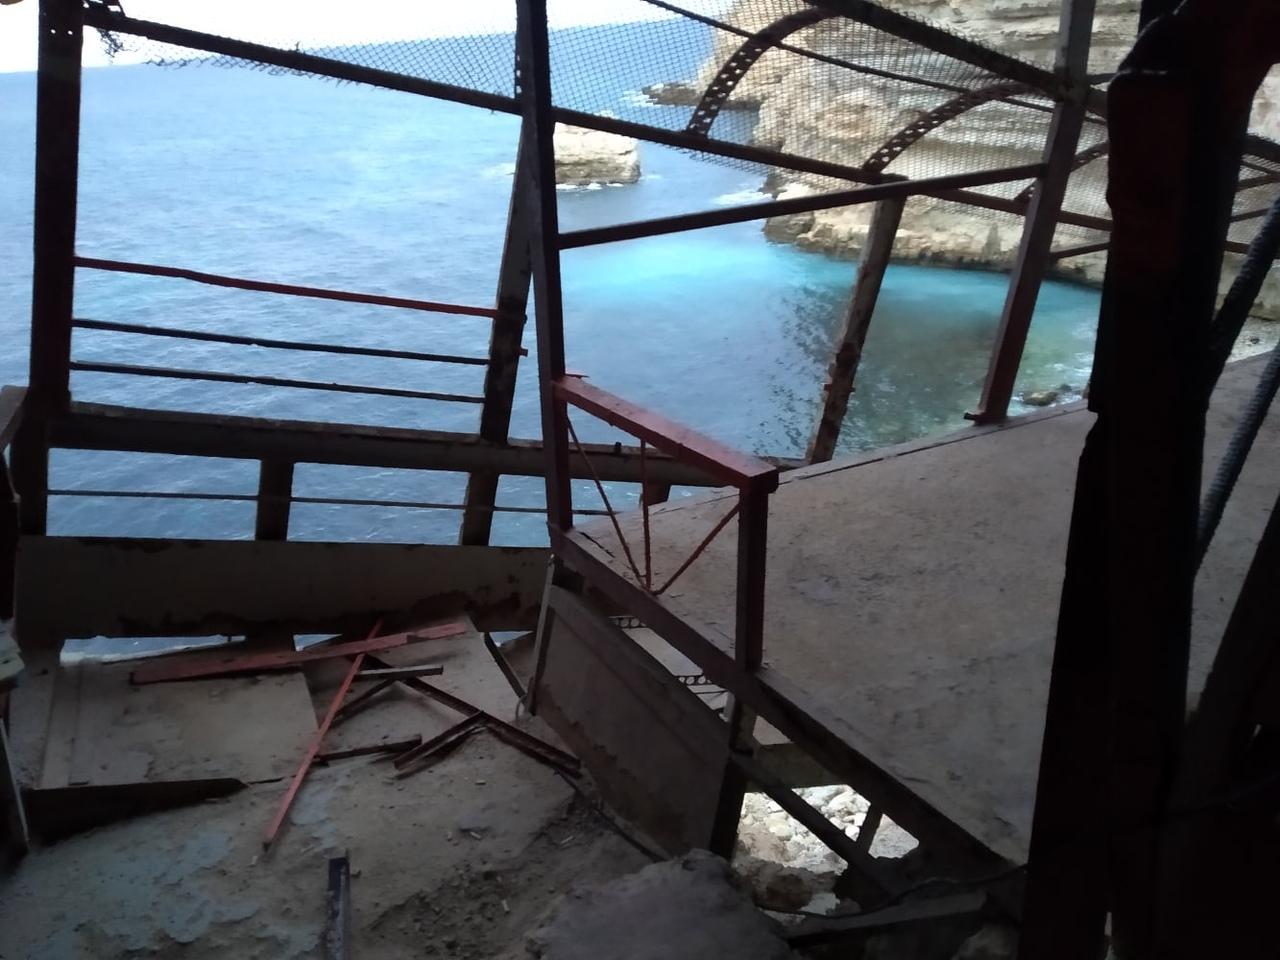 «Не доставайся никому»: в Севастополе срезали лестницу к пляжу на Автобате